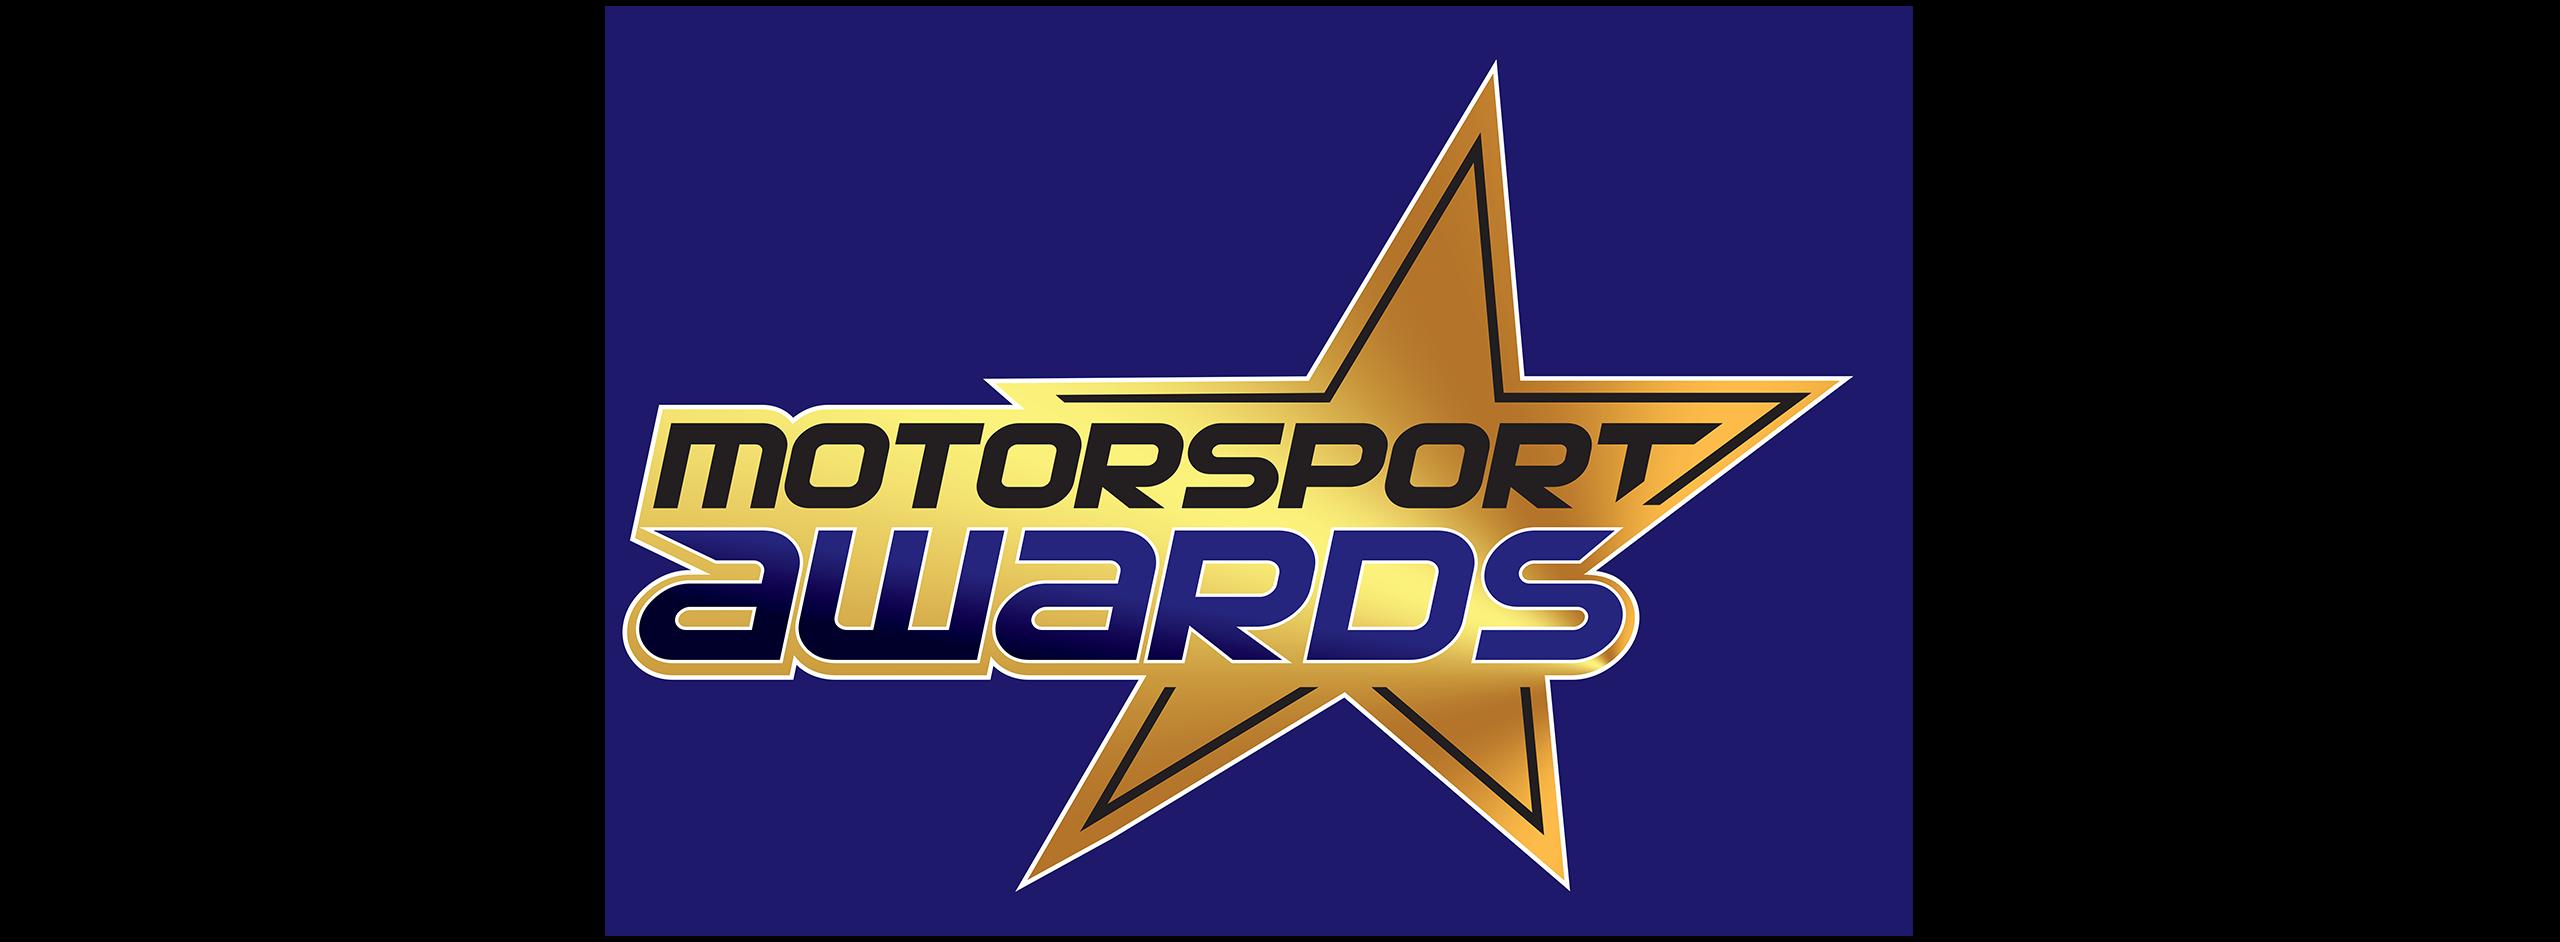 https://motorsport.media/wp-content/uploads/2019/01/awards-1.png